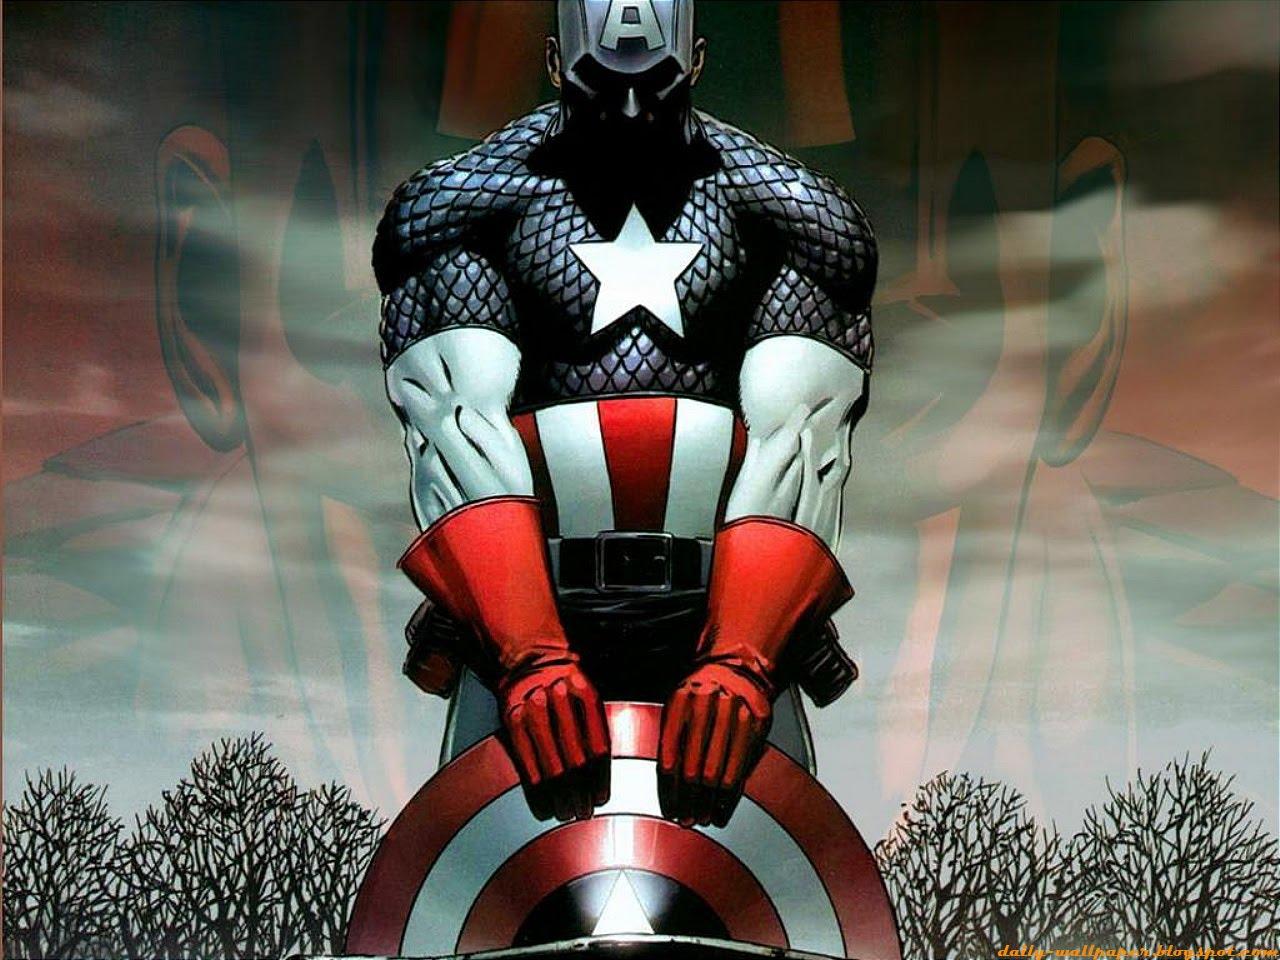 http://1.bp.blogspot.com/_V9XKgV6M6Qw/TIw6IUFVZKI/AAAAAAAAAFs/ZPpG6RTOBqU/s1600/Captain+America+1.jpg